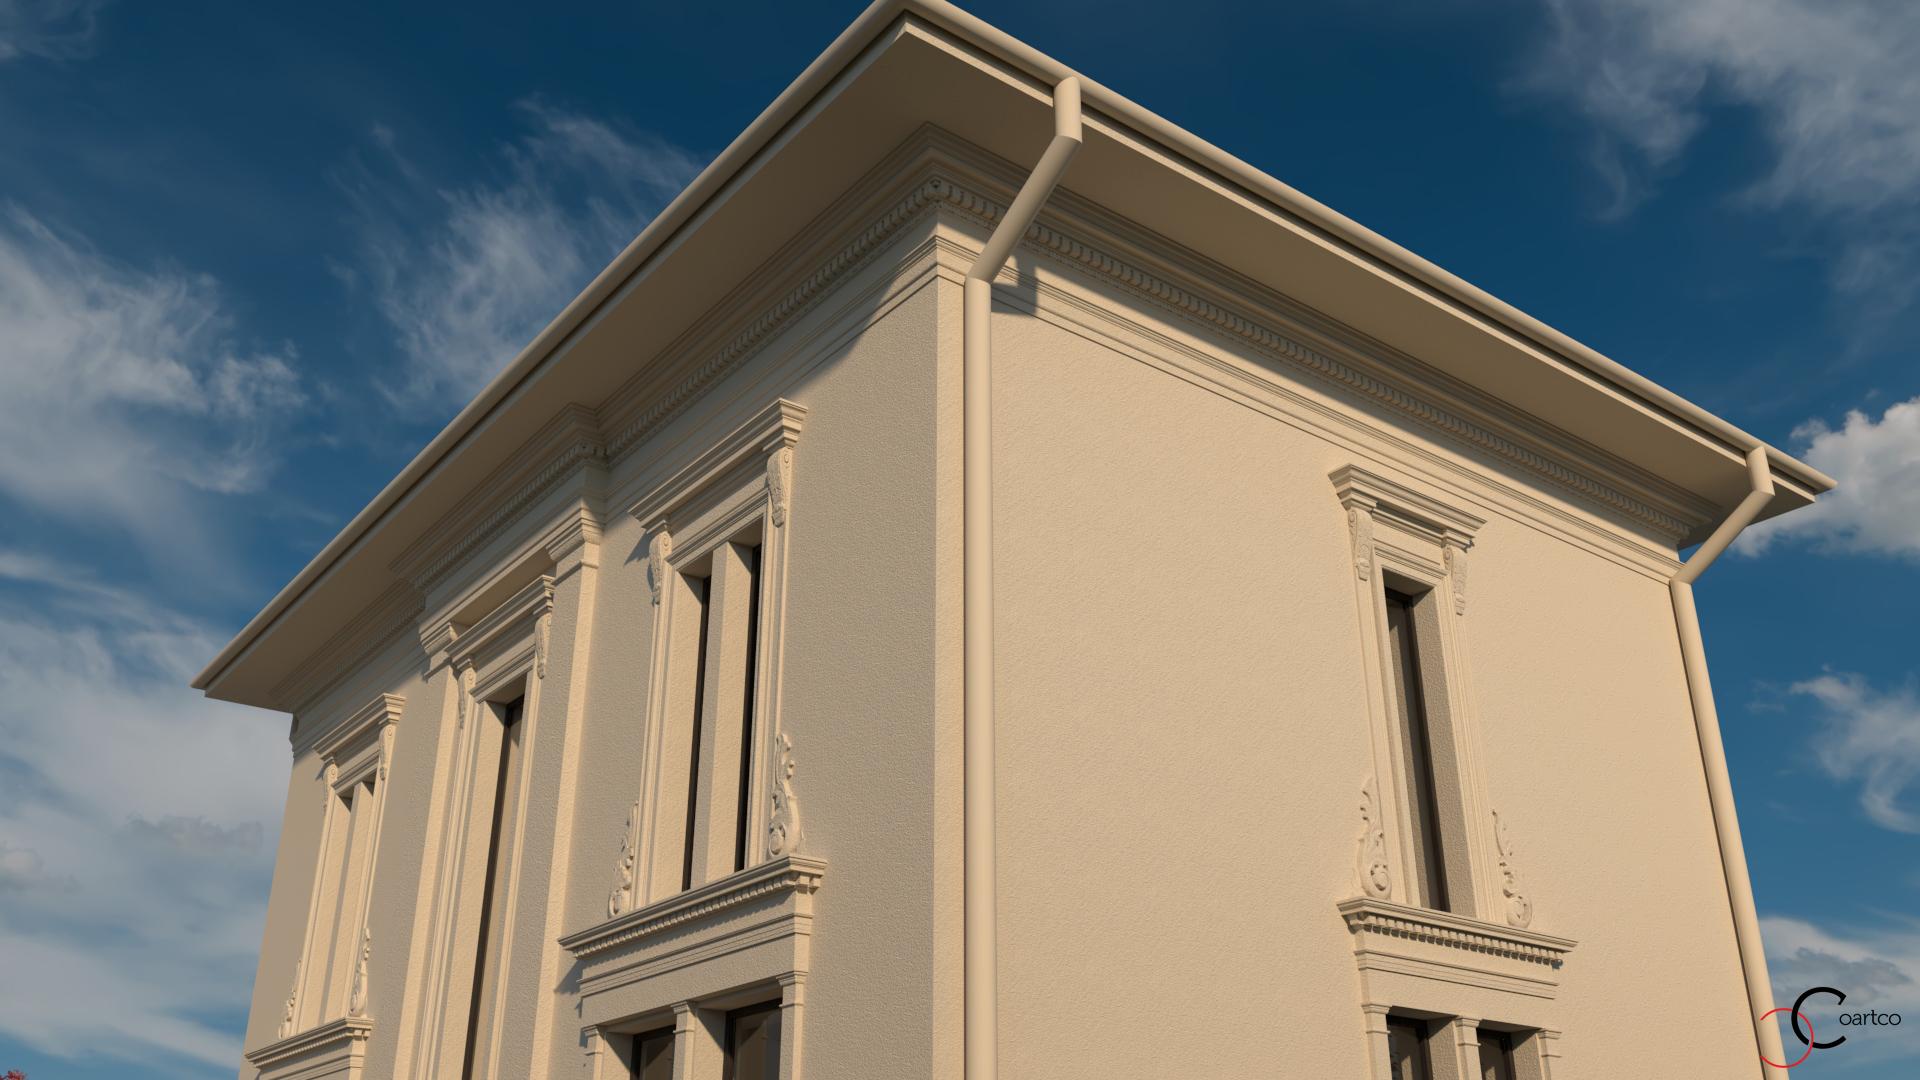 exterioare-case-cornisa